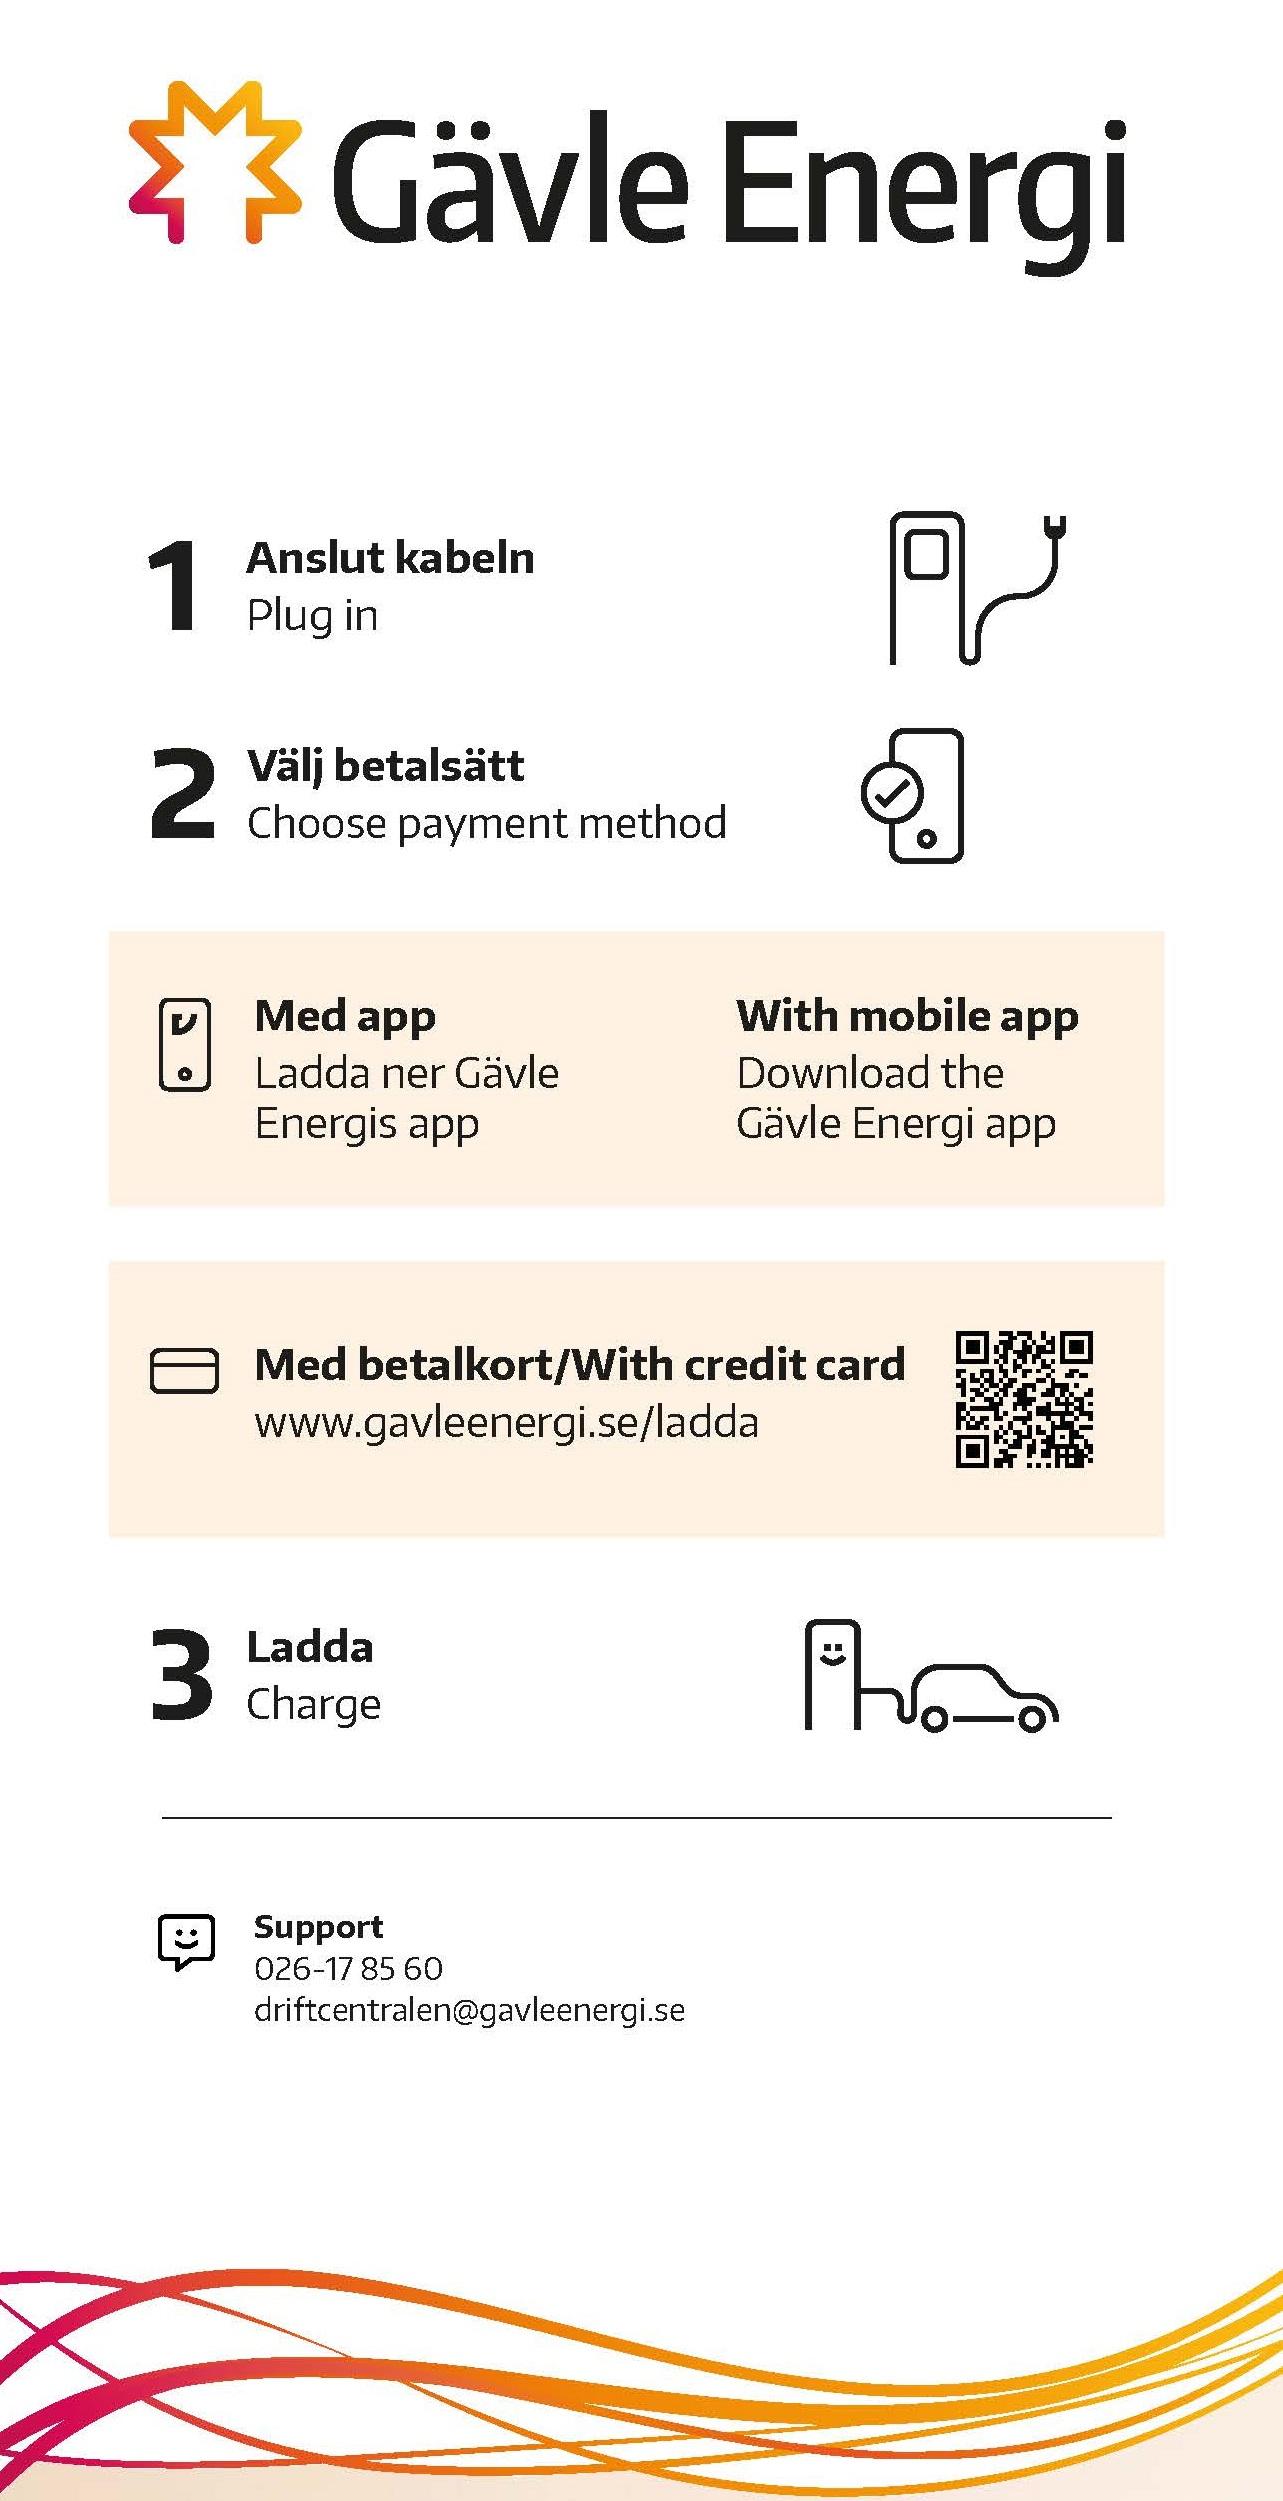 Betalningsinstruktioner på fordonsladdare för elbilar. 1. Anslut kabeln 2. Välj betalsätt Med app eller med betalkort 3. Ladda